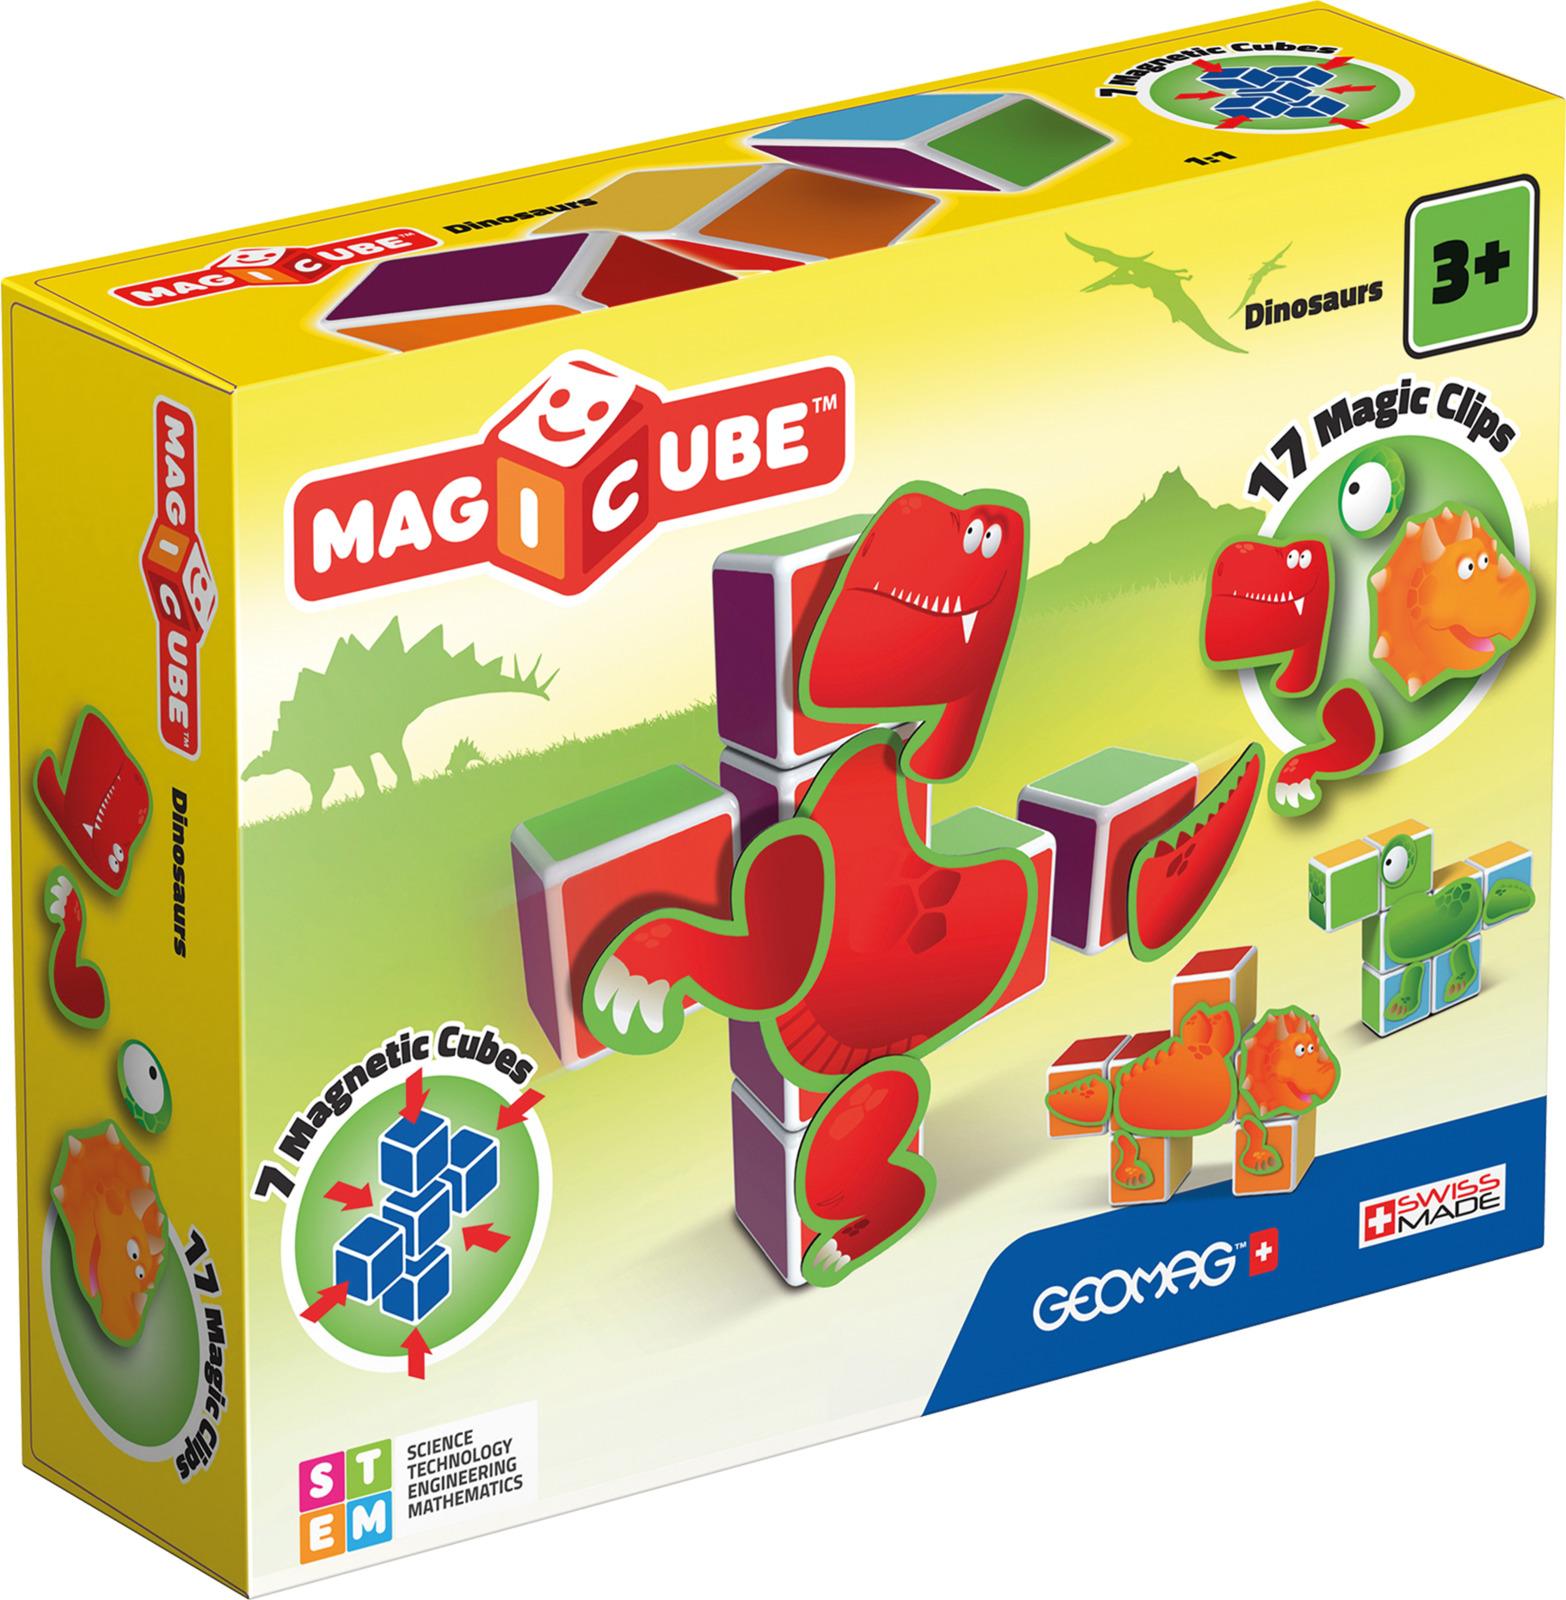 купить Конструктор магнитный Geomag MagiCube, 141, 24 элемента онлайн